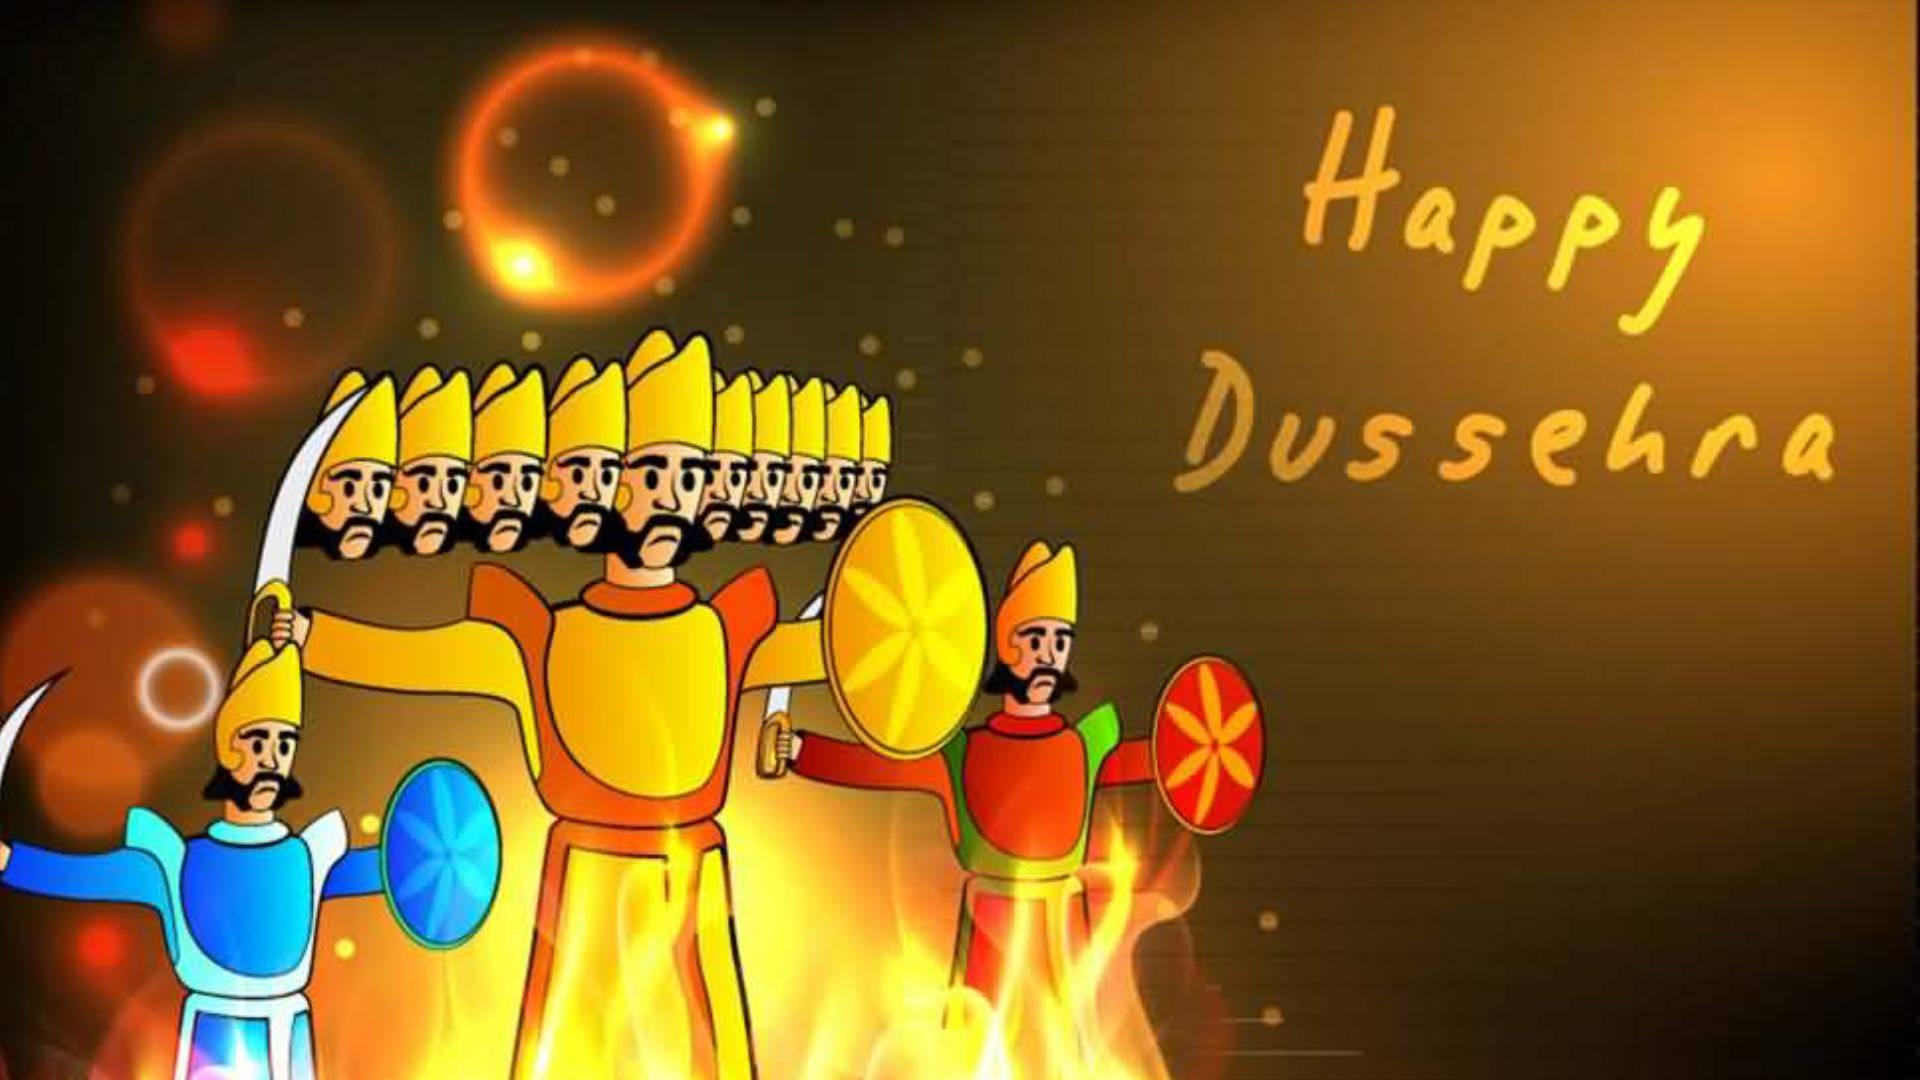 Dussehra 2019 Wishes: इस विजयदशमी Facebook और Whatsapp पर अपनों को भेजिए ये प्यारे और खास संदेश